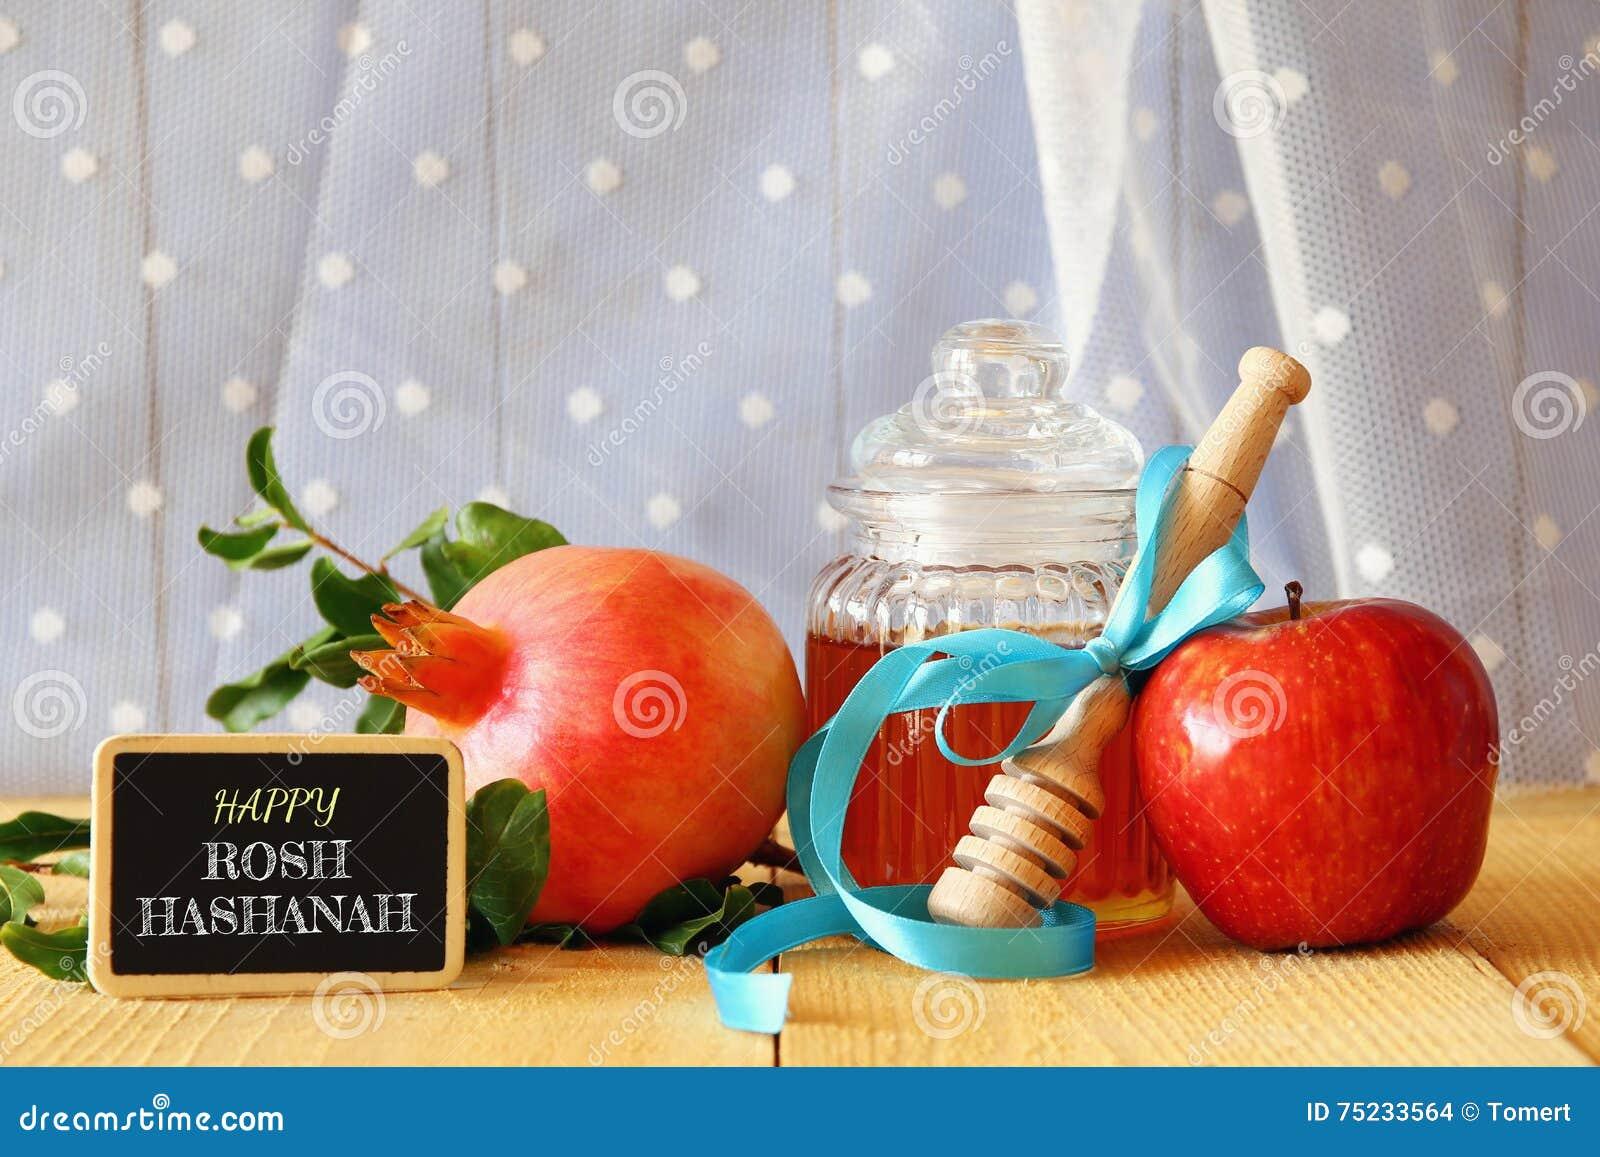 Rosh-hashanah (jüdisches neues Jahr) Konzept Traditionelle Symbole